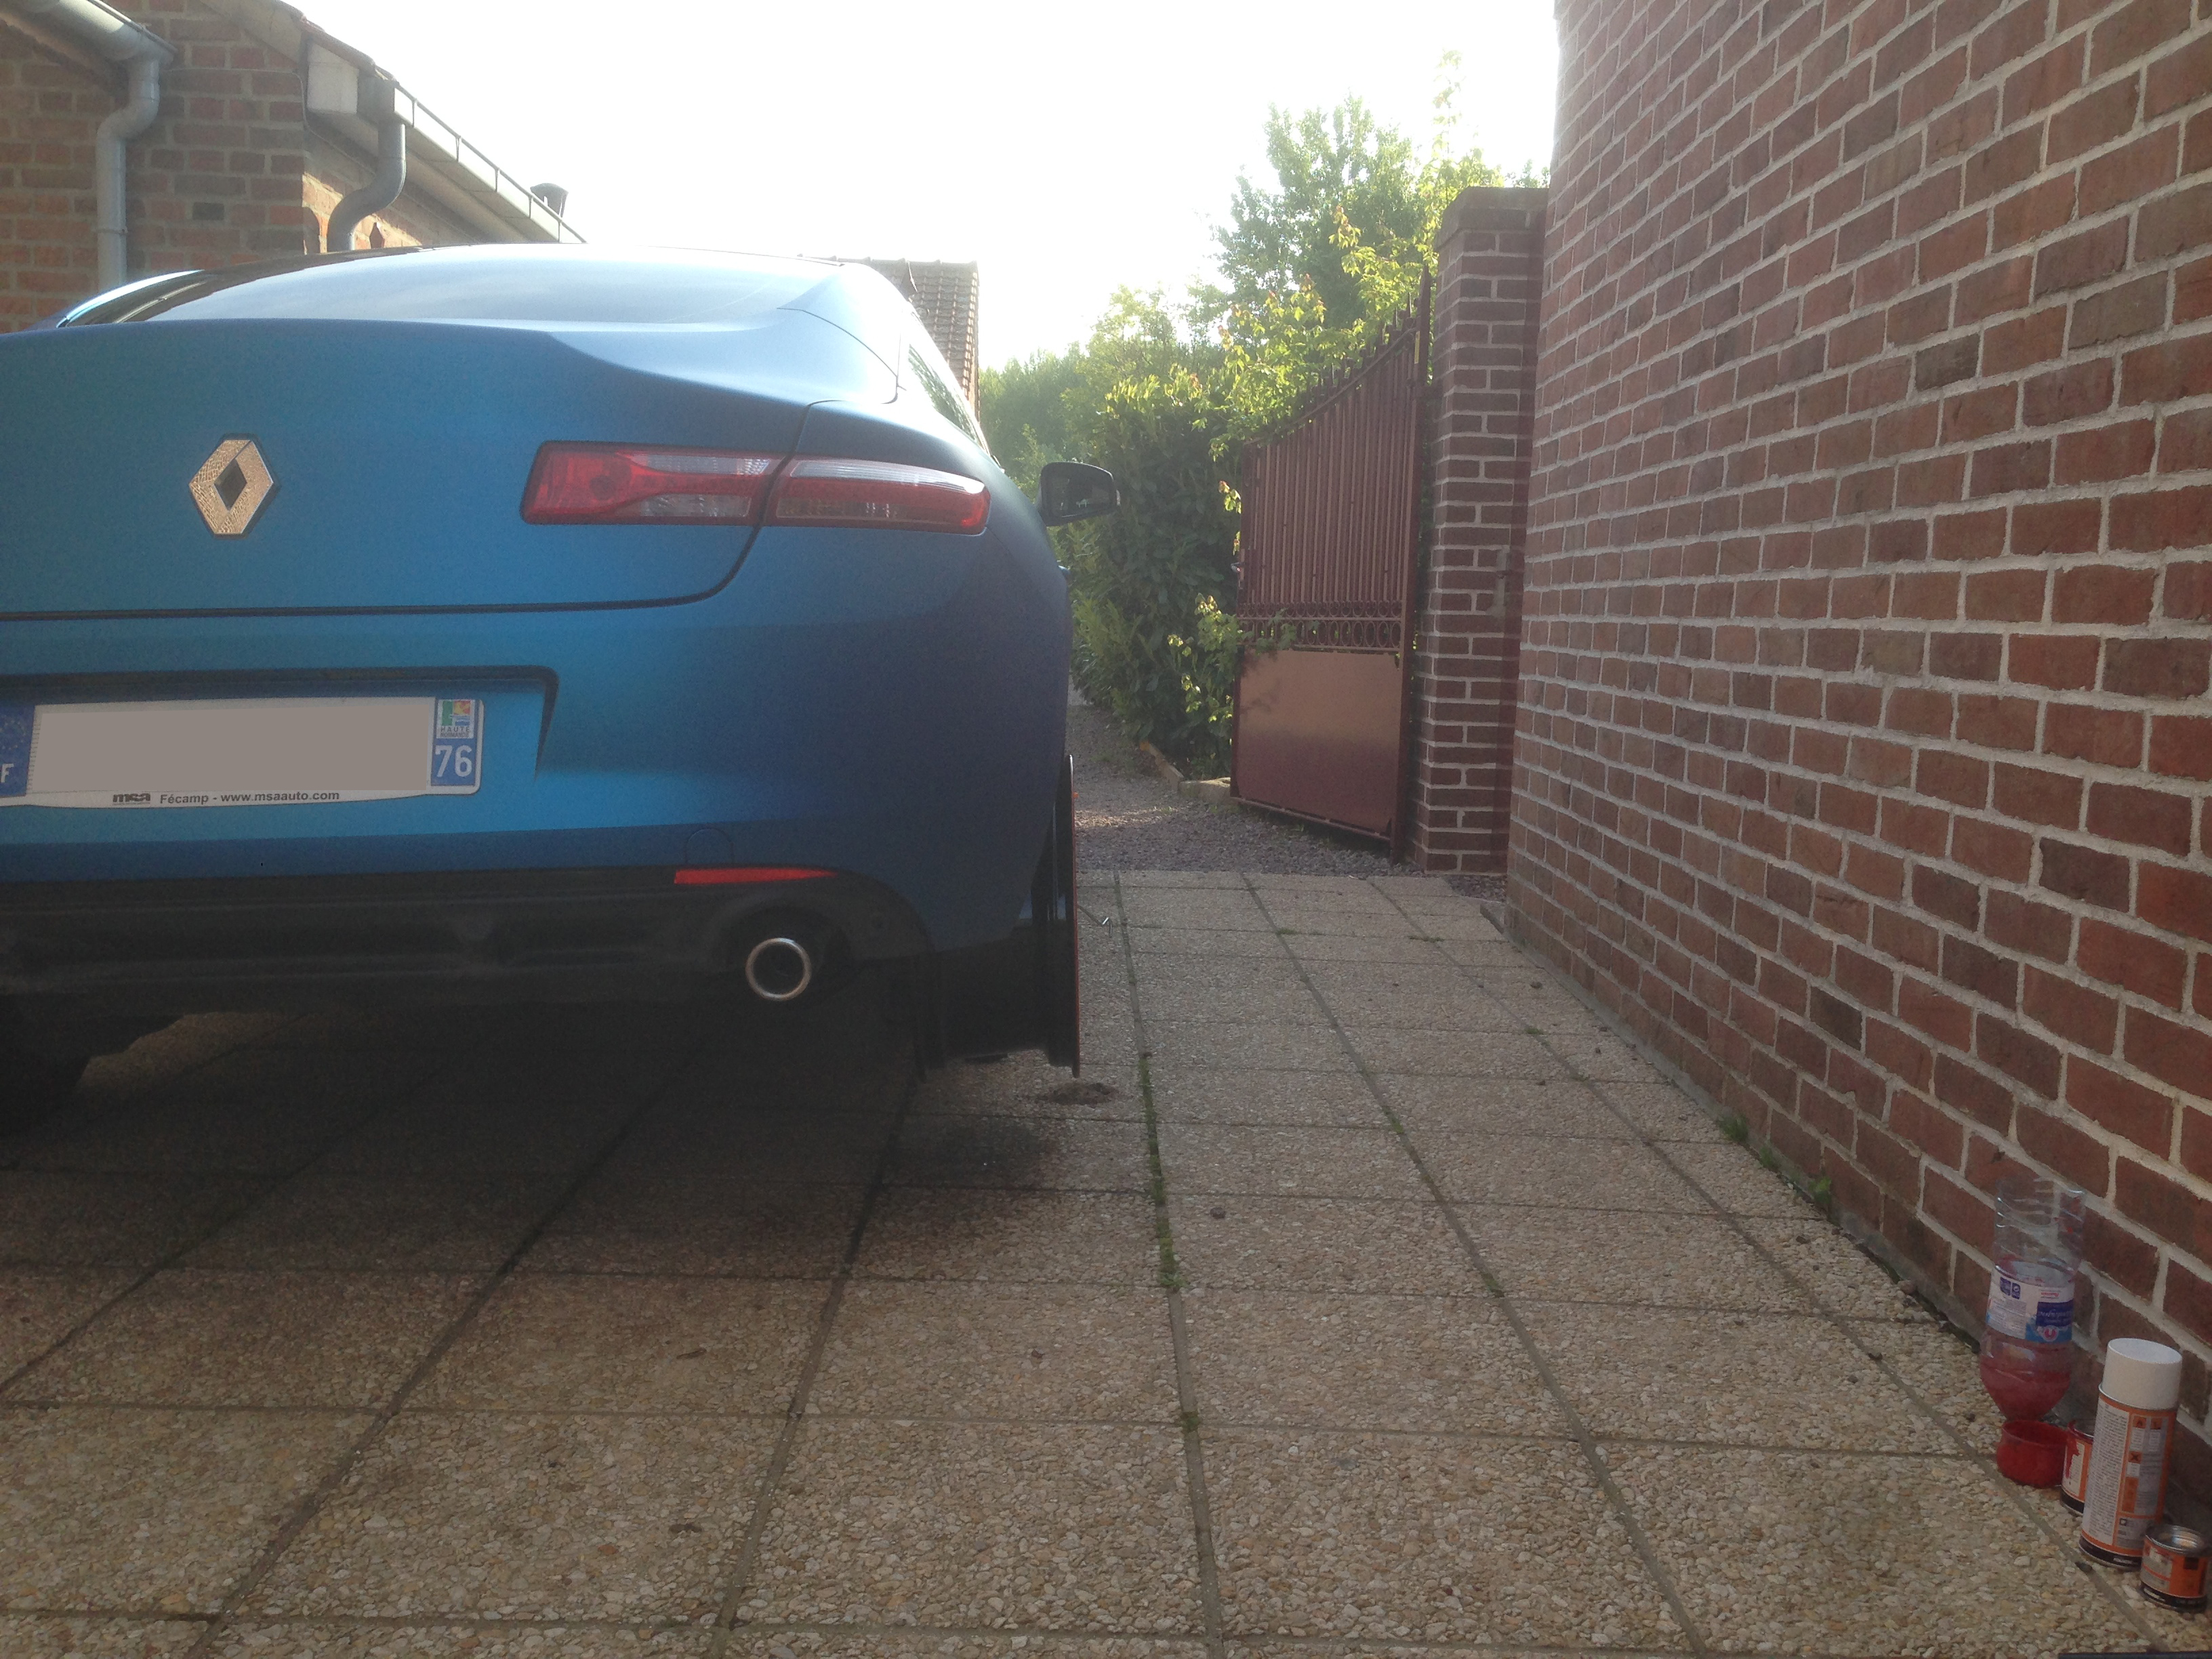 [Momofisher] Laguna III coupé GT 2.0 dCi 180 Bleu mat - Page 2 Jantedeportap